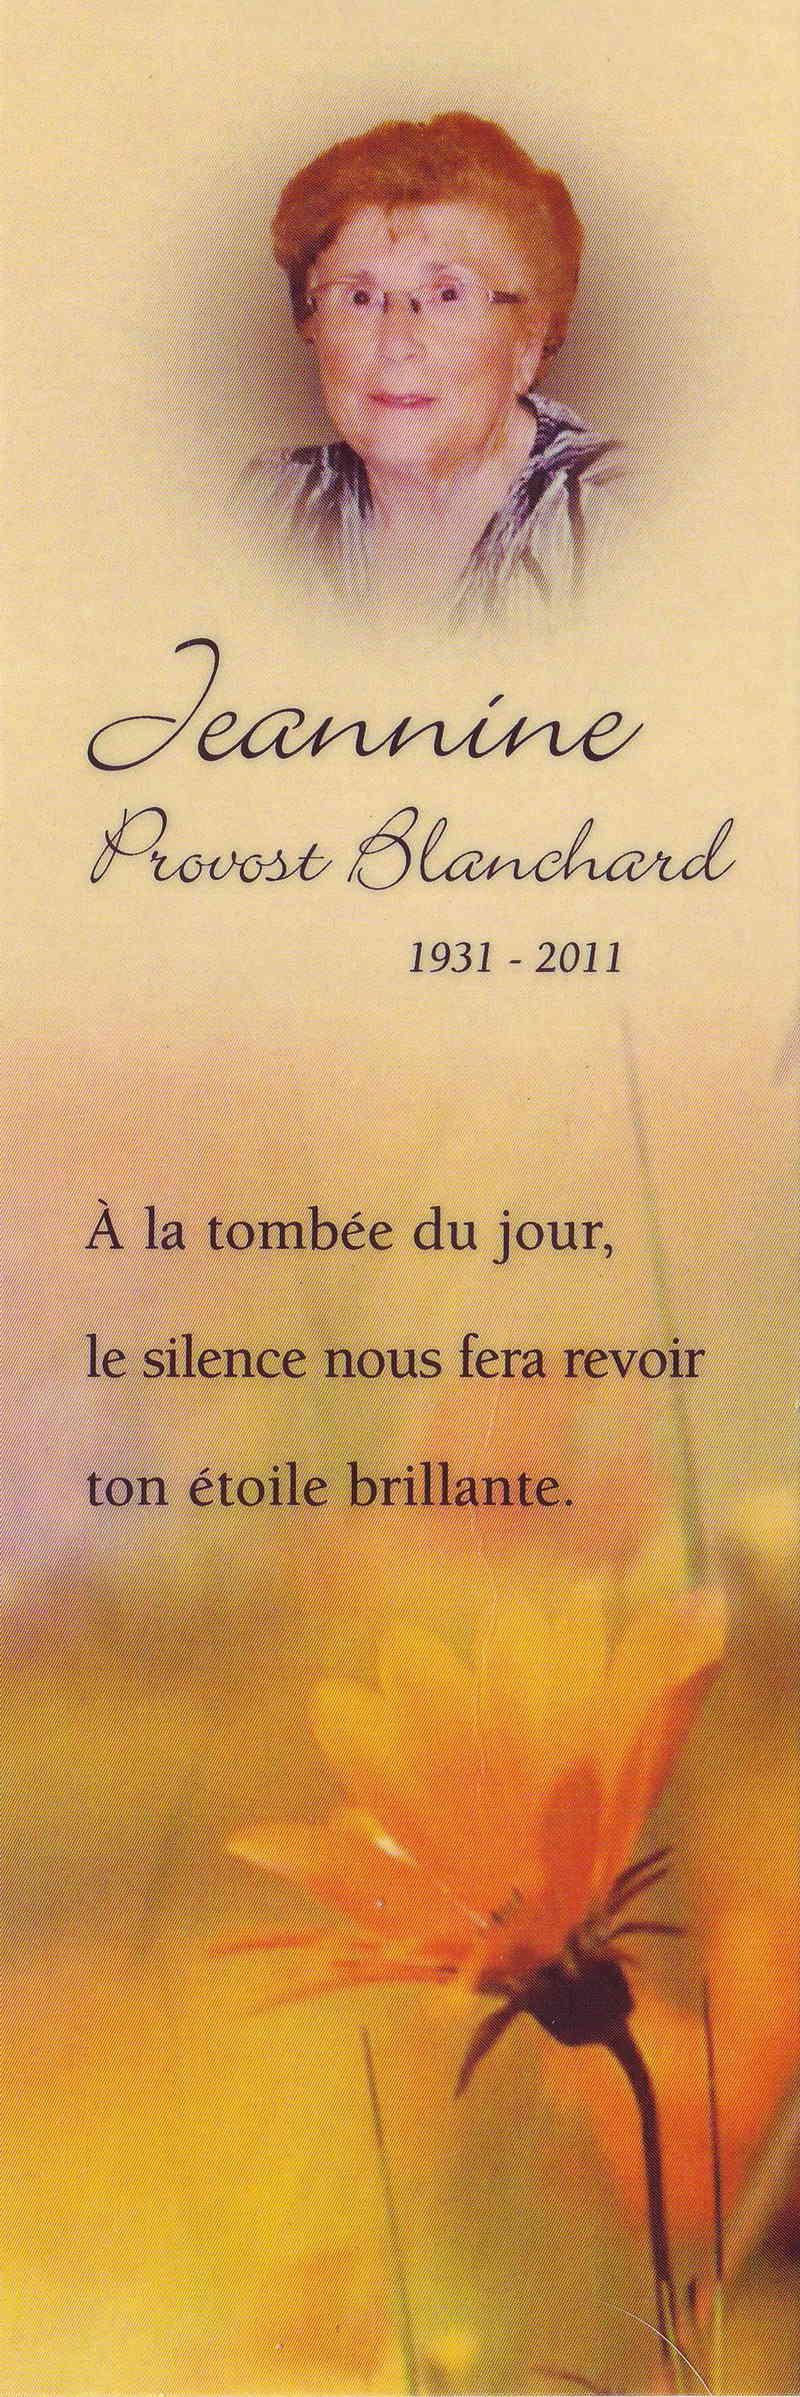 Provost Blanchard, Jeannine Provos10